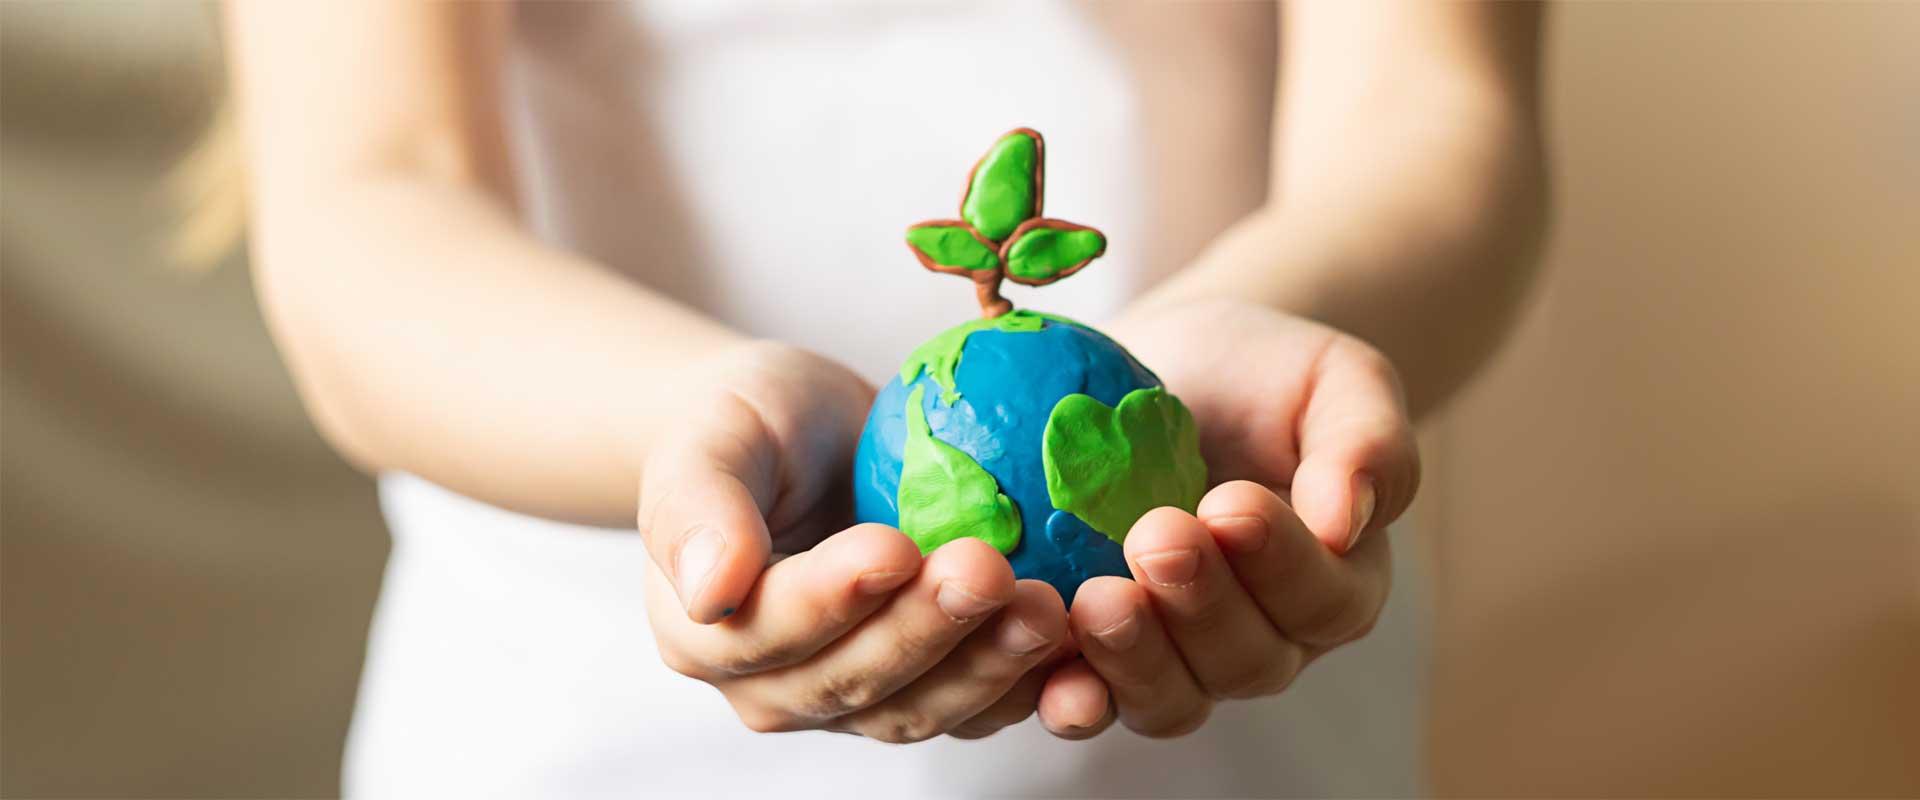 Kind hält Weltkugel aus Knete in den Händen